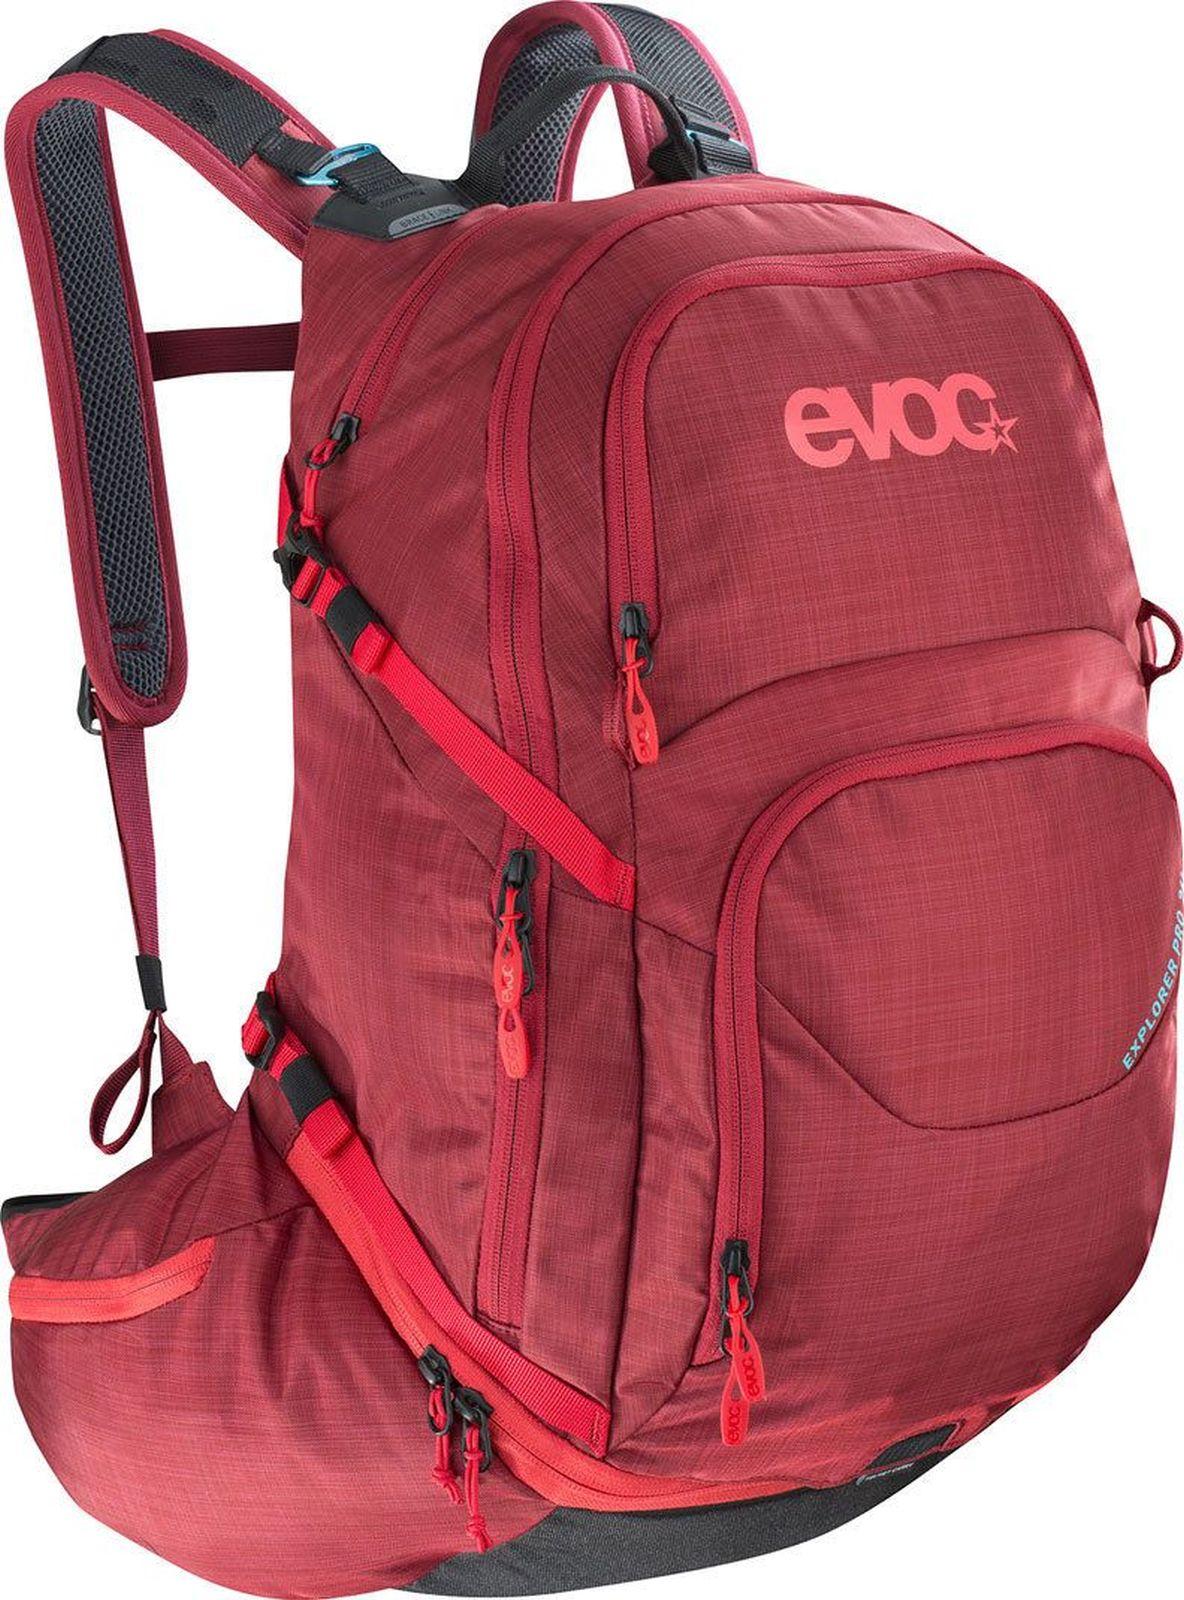 Evoc Explorer Pro 26L - heather ruby uni